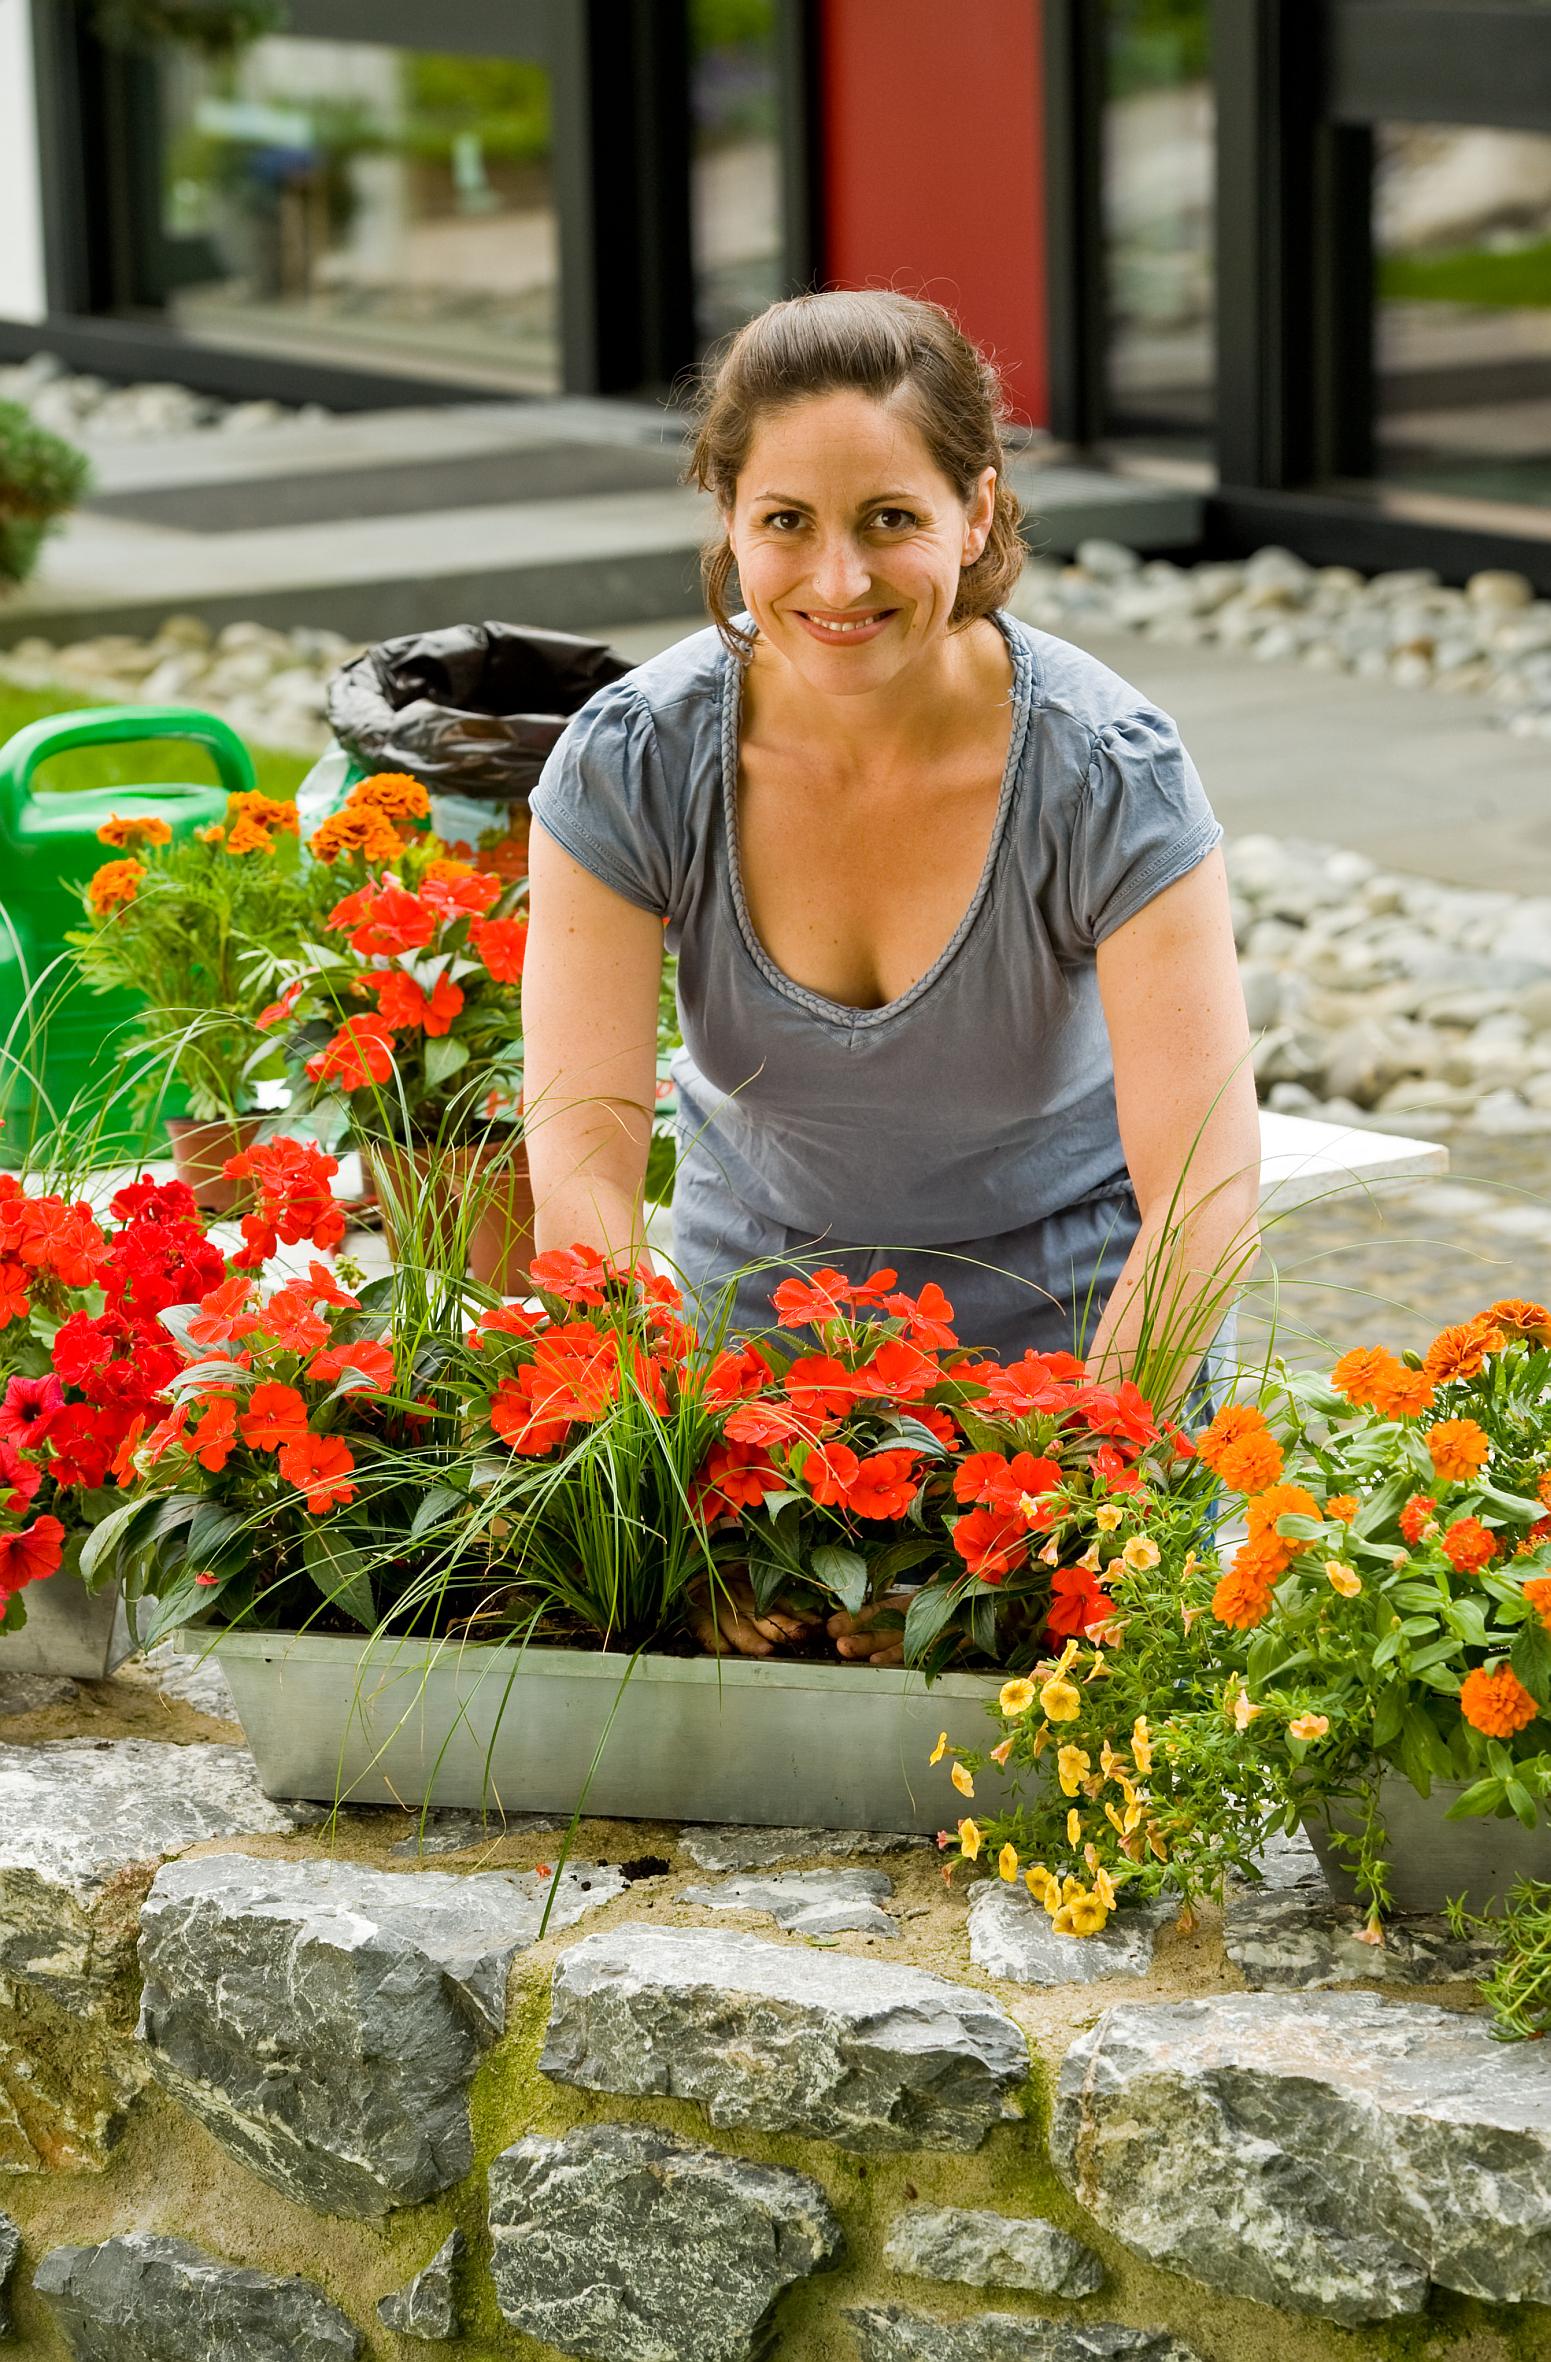 Herzlich willkommen: Start in die Beet- und Balkonpflanzen-Saison